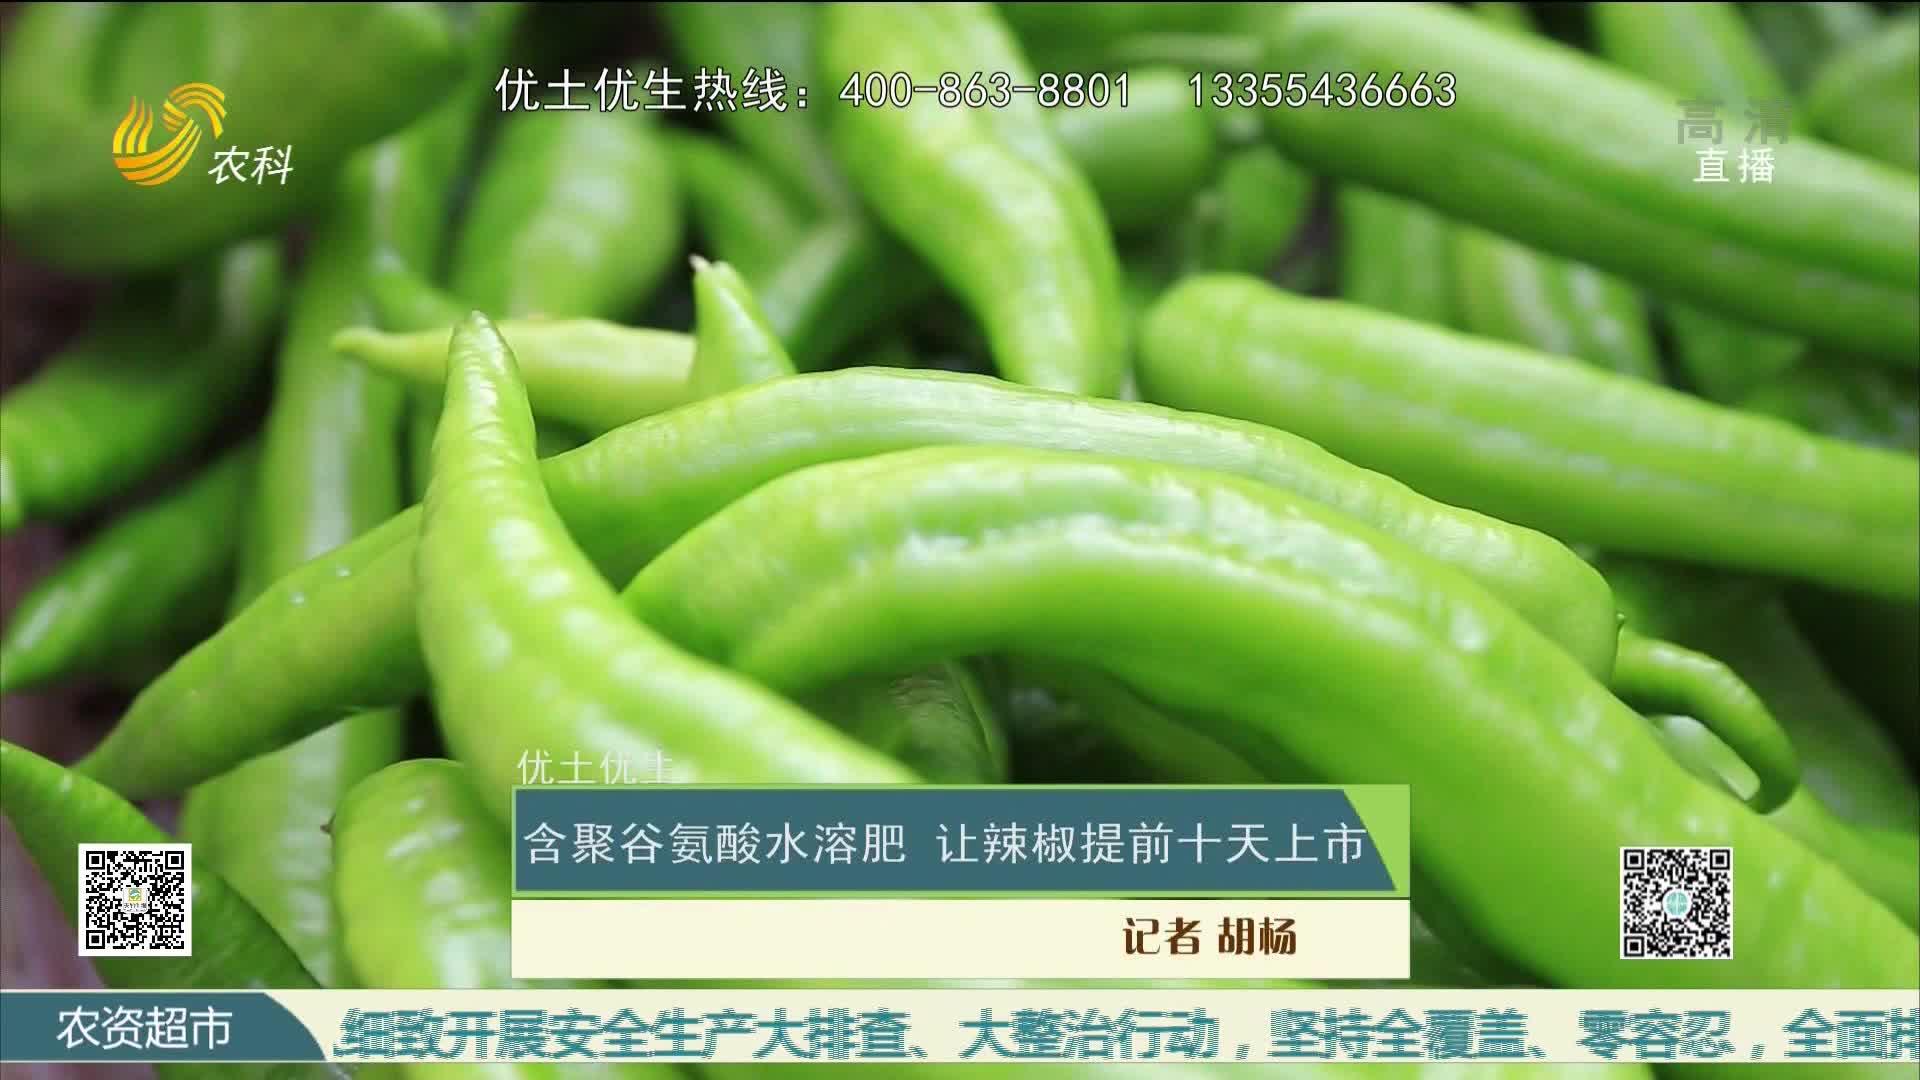 【优土优生】含聚谷氨酸水溶肥 让辣椒提前十天上市